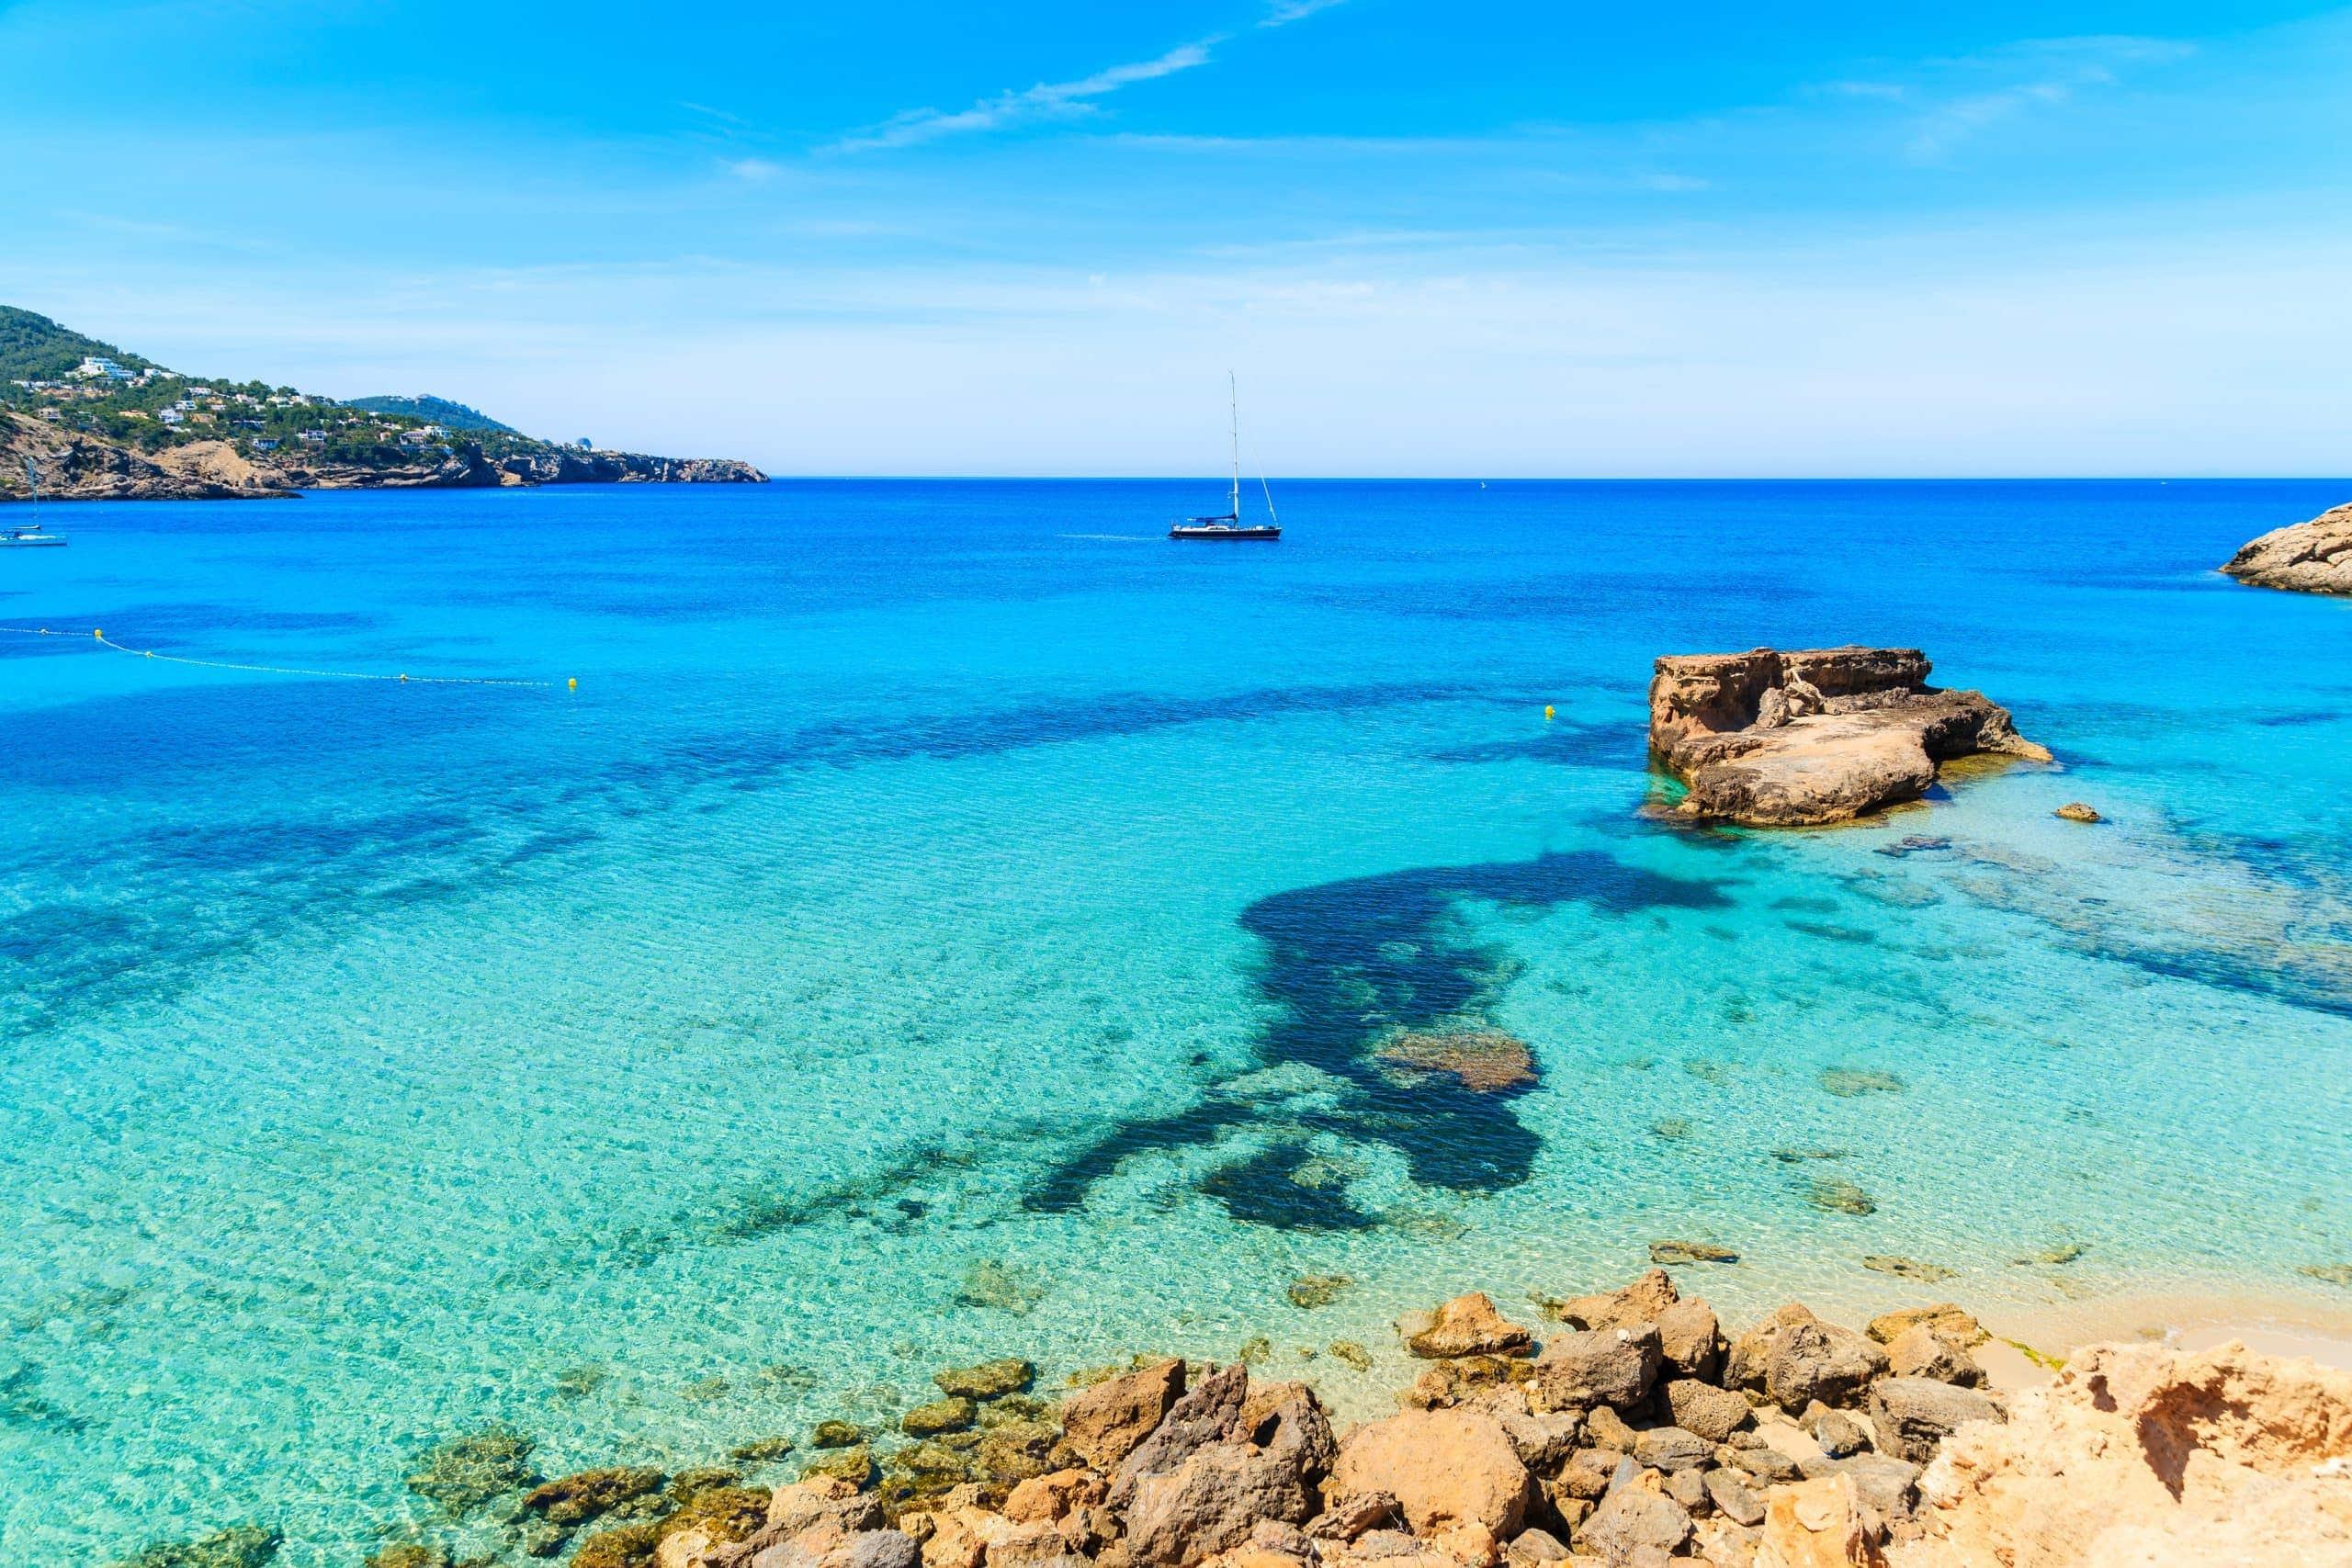 Vacaciones velero mediterráneo Alquiler de barco Valencia - Ibiza